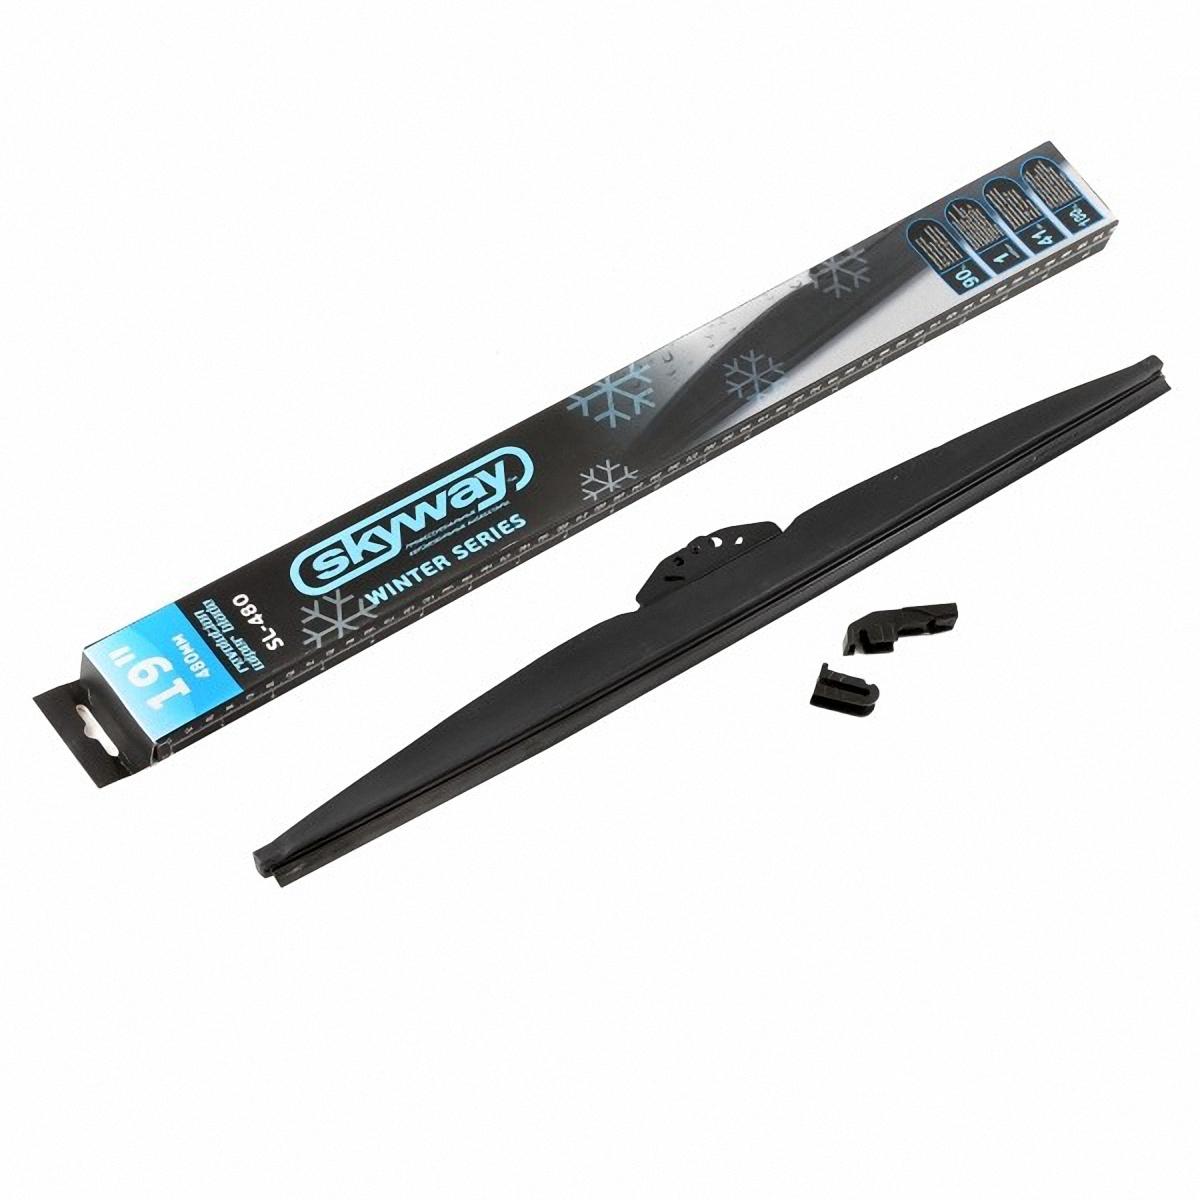 Щетка стеклоочистителя Skyway, каркасная, зимняя, 48 см/19SL-480Особенность зимних щеток стеклоочистителя в специальном составе резины, которая содержит оксид кремния и графит. Такой состав предохраняет ее от замерзания, а шарниры, скрепляющие резину, не примерзают и не теряют подвижности. Они плотно прилегают к стеклу, легко очищая поверхность и делая ее кристально чистой. Благодаря щадящему очищению, стеклам вашего автомобиля не страшны царапины. Особенности: Специальное антифризное резиновое покрытие, разработанное по японской технологии, покрывает всю щётку, защищая её от холодной зимы. Благодаря простоте установки адаптера, 90 % чистящей поверхности дворника остаётся рабочей даже на высокой скорости. Благодаря высокой технологии изготовления и высокого уровня качества материала, дворники обеспечивают большую производительность, которая гарантирует до 1 миллиона циклов очистки. Благодаря графитовой поверхности и высоким технологиям, снизились шумовые потоки до 41 Дб, что намного ниже, чем у других дворников.